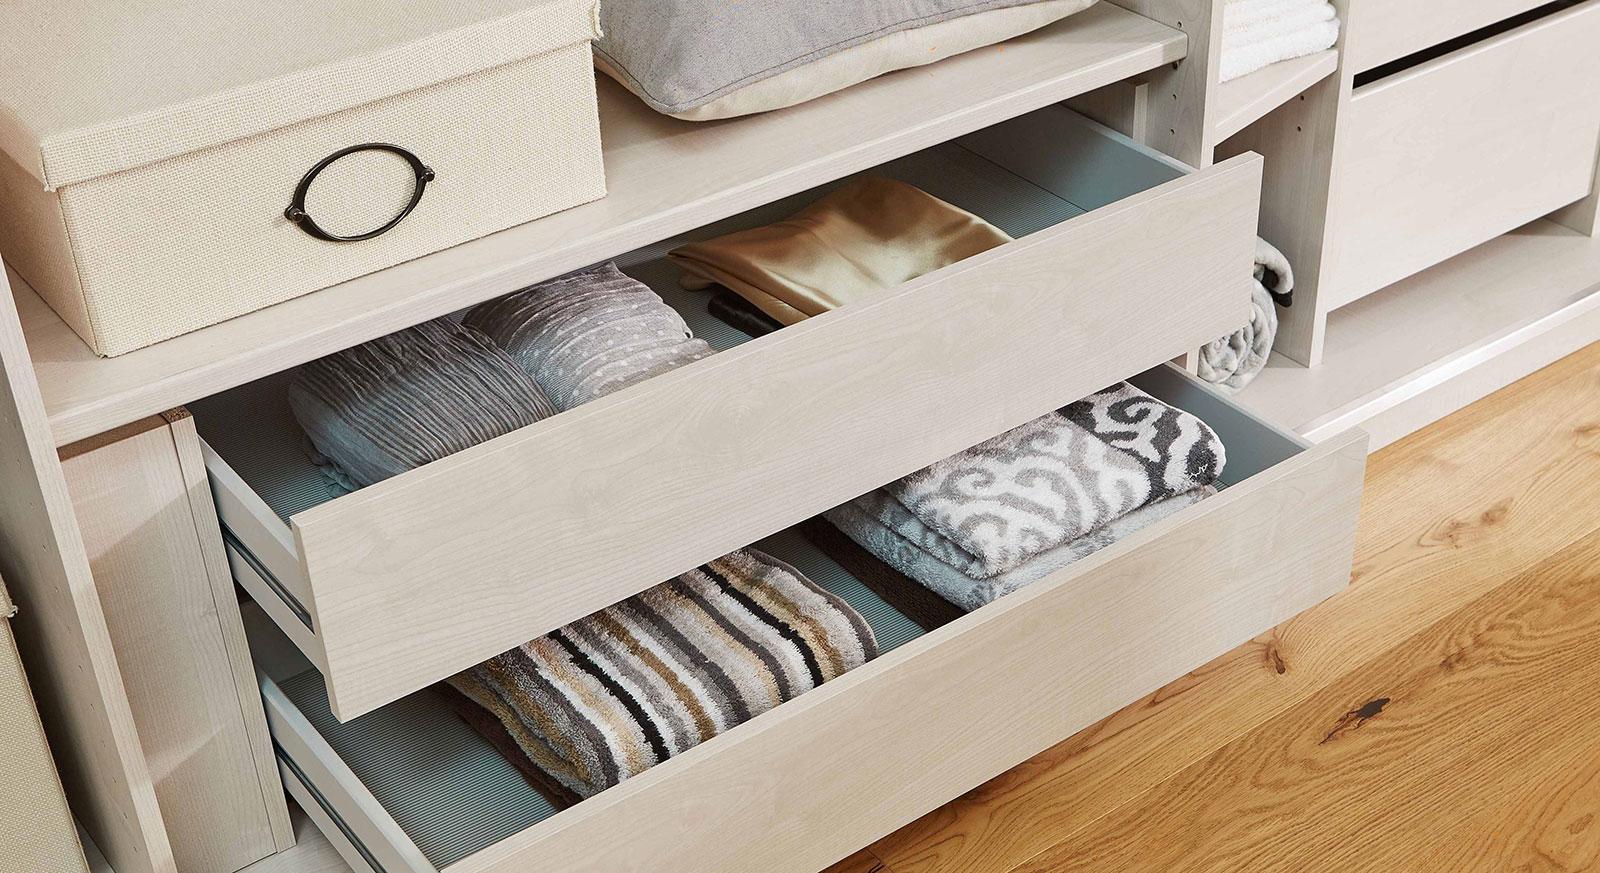 Kleiderschrank Selber Bauen So Geht Es Richtig Tipps Tricks